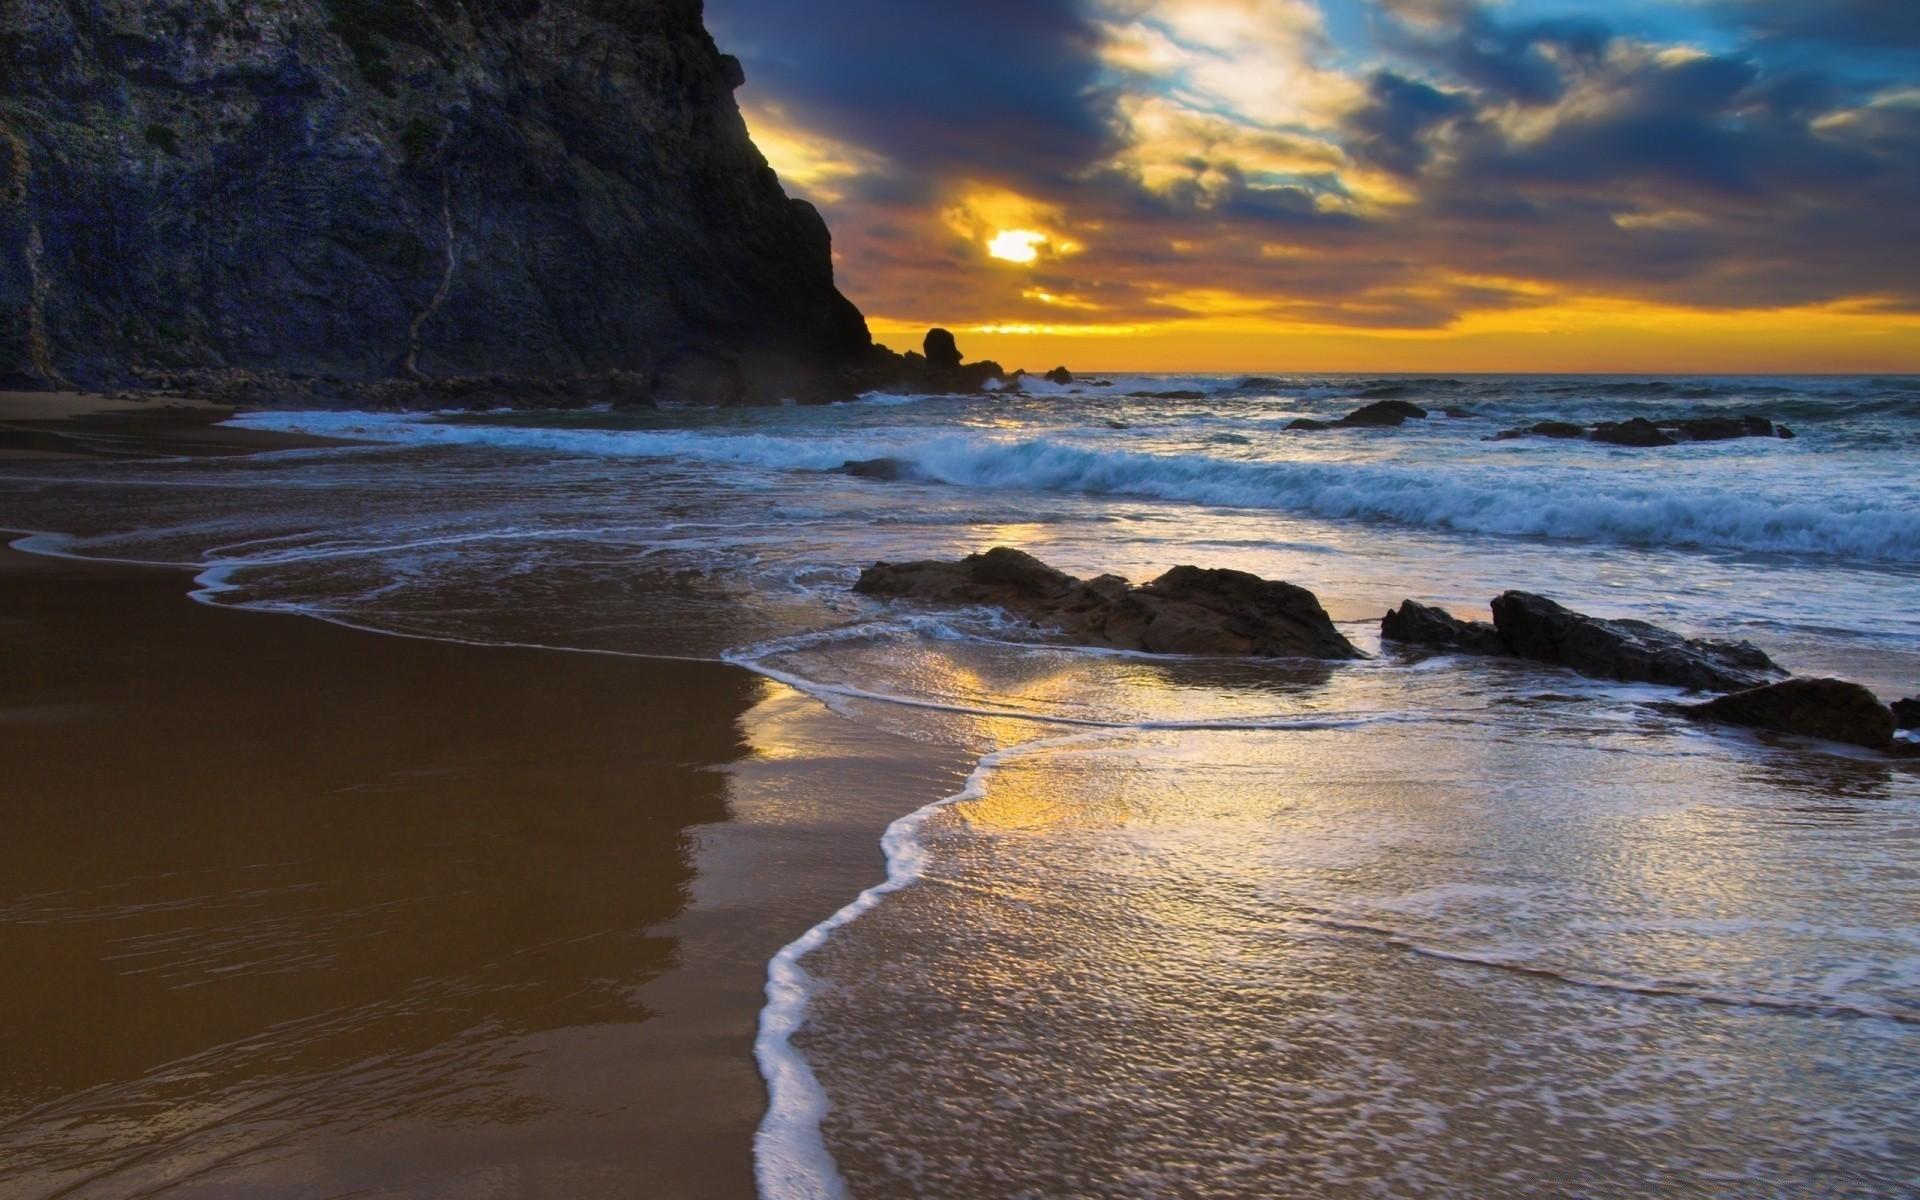 Картинки на морском берегу